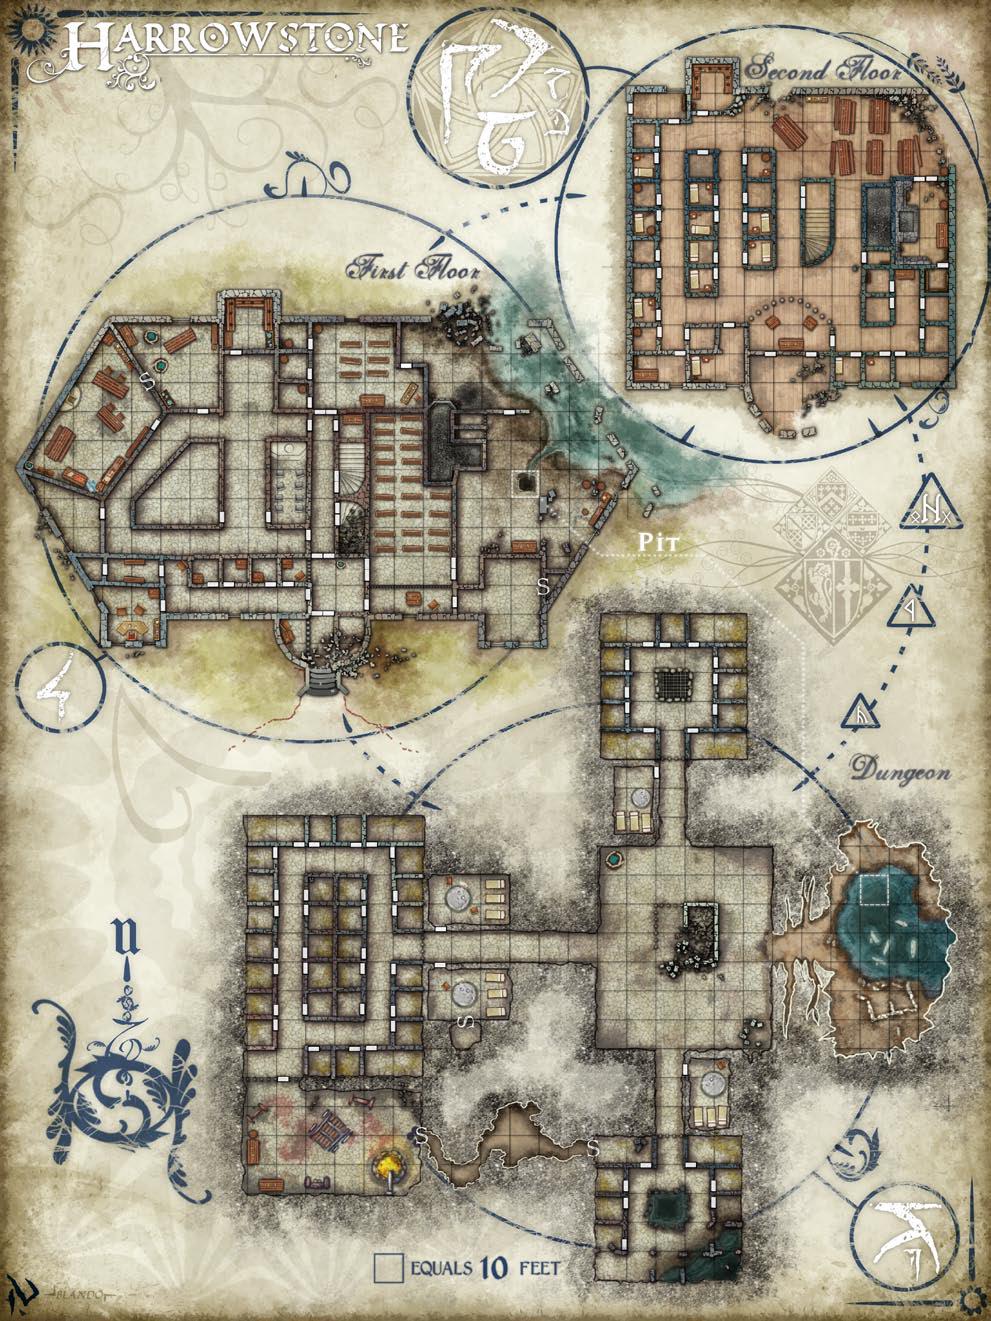 Prinson Floorplan Harrowstone Prison RPG Maps Buildings - 3d map of prisons in us